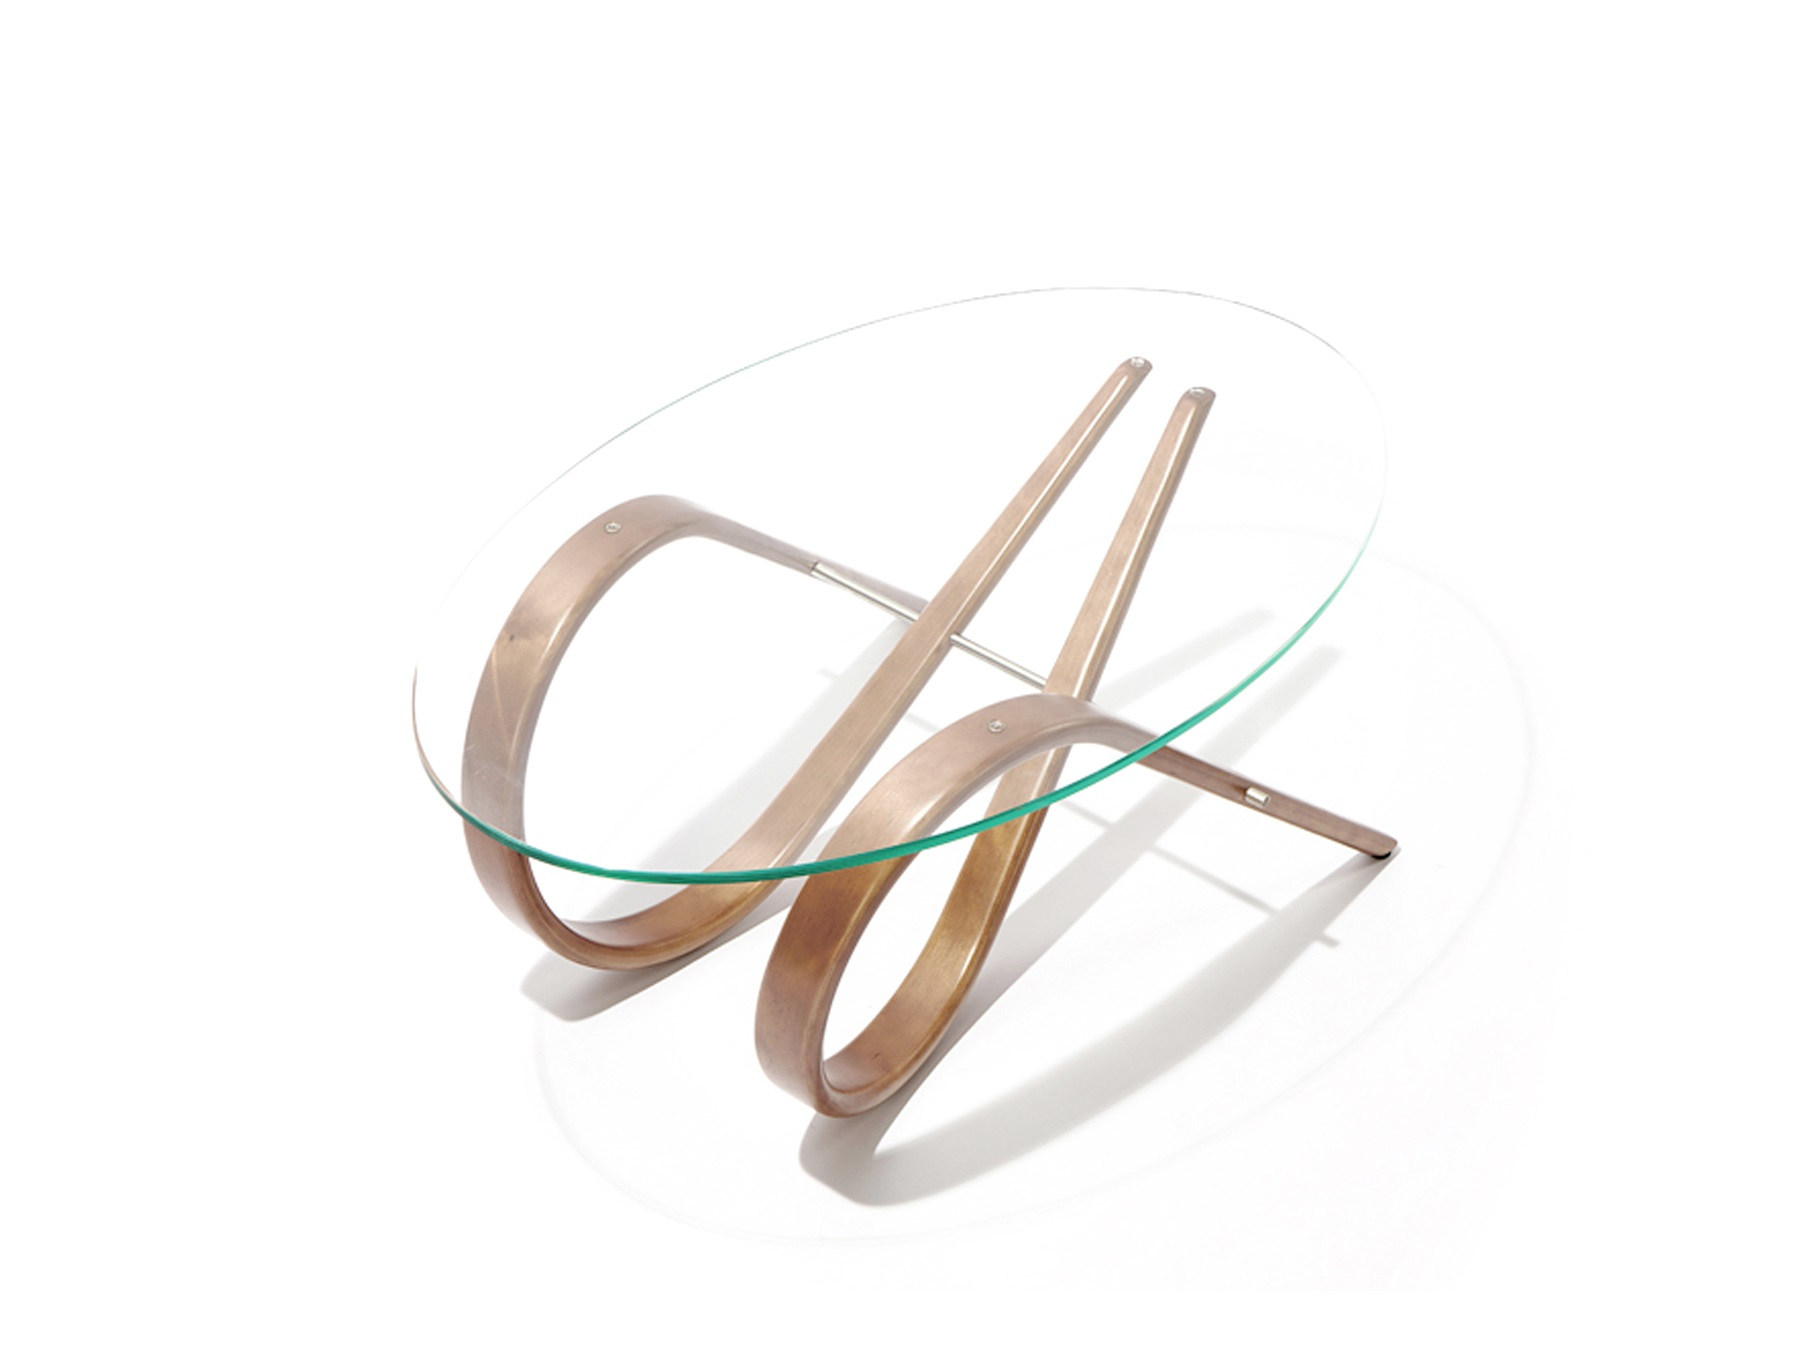 Стол обеденный Apriori HЖурнальные столики<br>&amp;lt;div&amp;gt;Дизайнерский стеклянный журнальный стол.&amp;amp;nbsp;&amp;lt;/div&amp;gt;&amp;lt;div&amp;gt;&amp;lt;br&amp;gt;&amp;lt;/div&amp;gt;&amp;lt;div&amp;gt;Материал: натуральное дерево береза (10 вариантов тонировок).&amp;lt;/div&amp;gt;<br><br>Material: Стекло<br>Ширина см: 60.0<br>Высота см: 42.0<br>Глубина см: 100.0